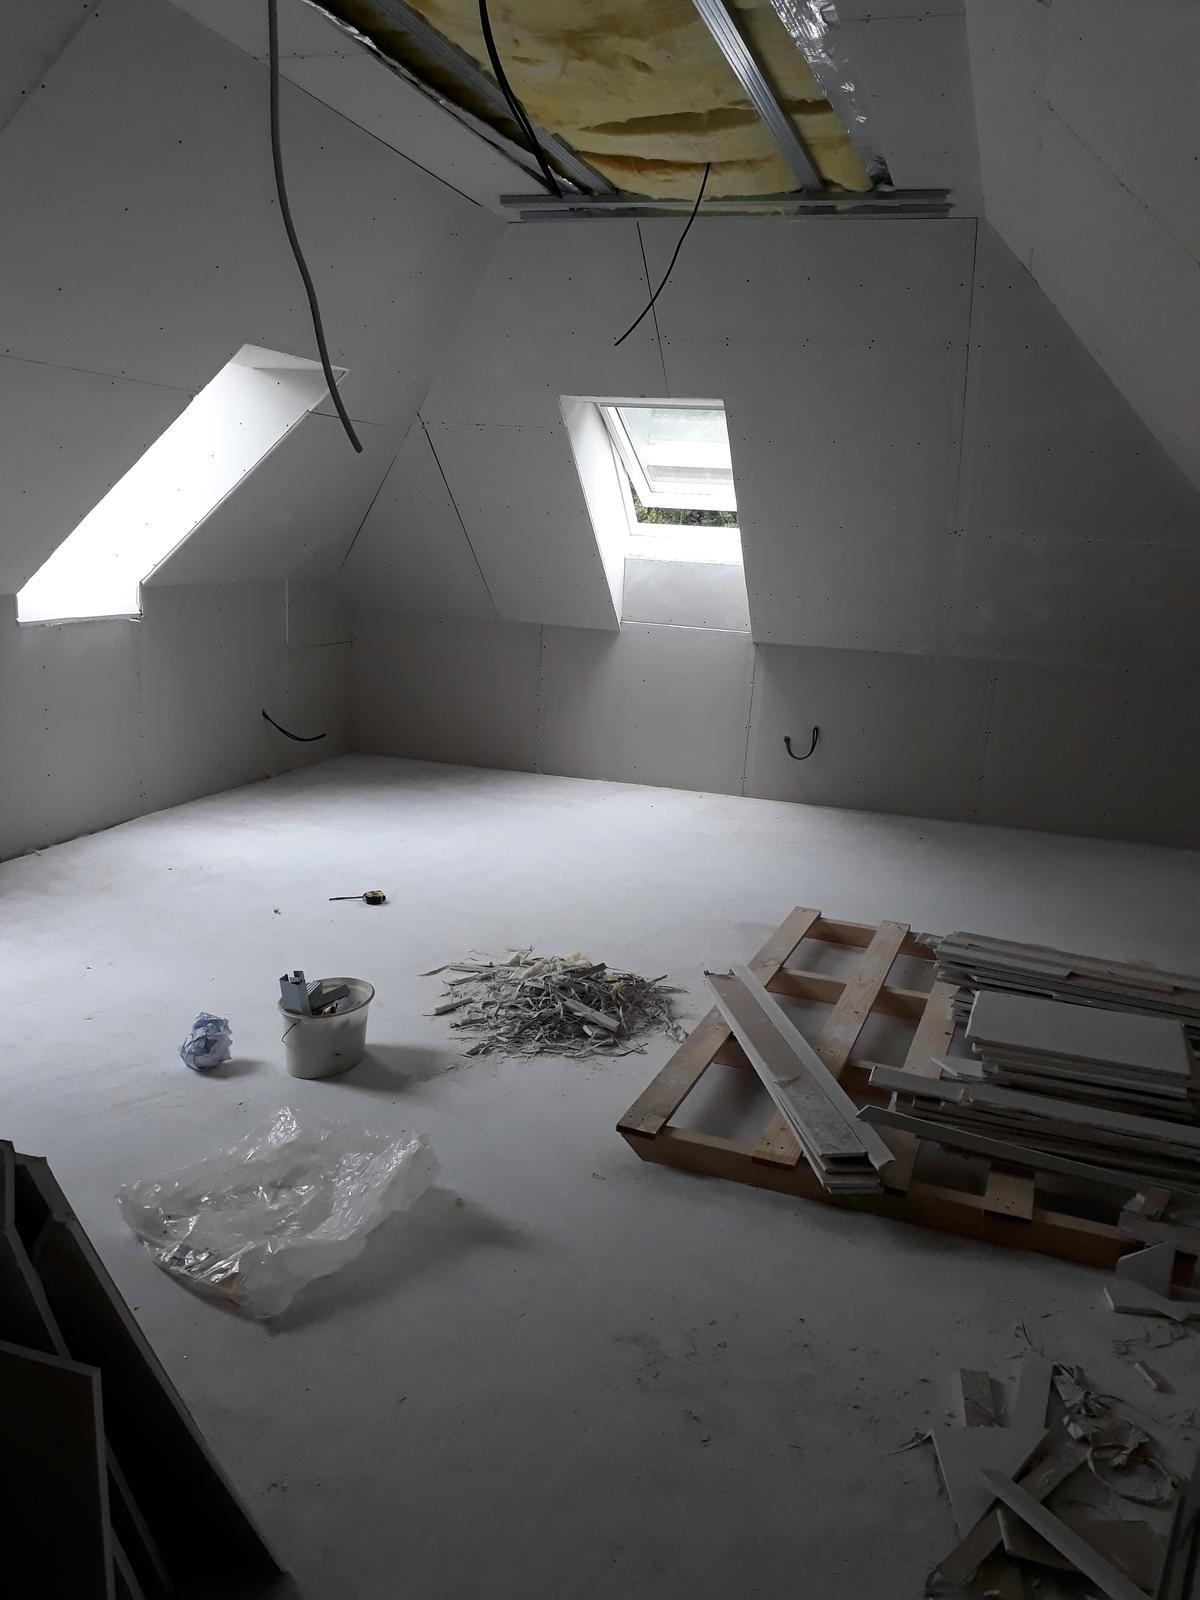 Naša chalupa - už to vyzerá skoro ako ozajstná izba